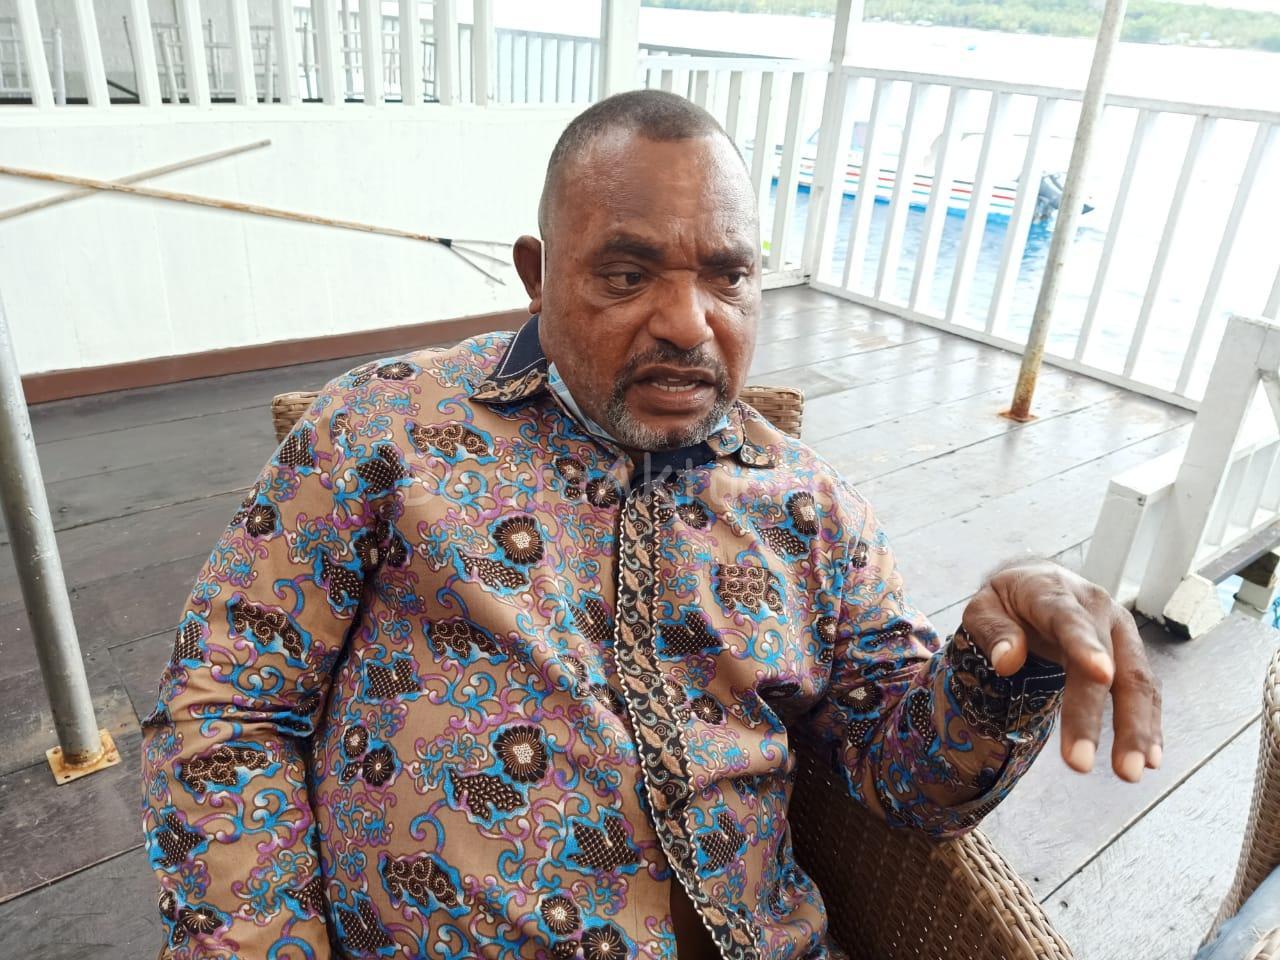 Jimmy Ijie Sepakat UU Otsus Direvisi Serta Kewenangannya Diberikan ke Pemerintah Papua Dan Papua Barat 2 IMG 20200805 WA0051